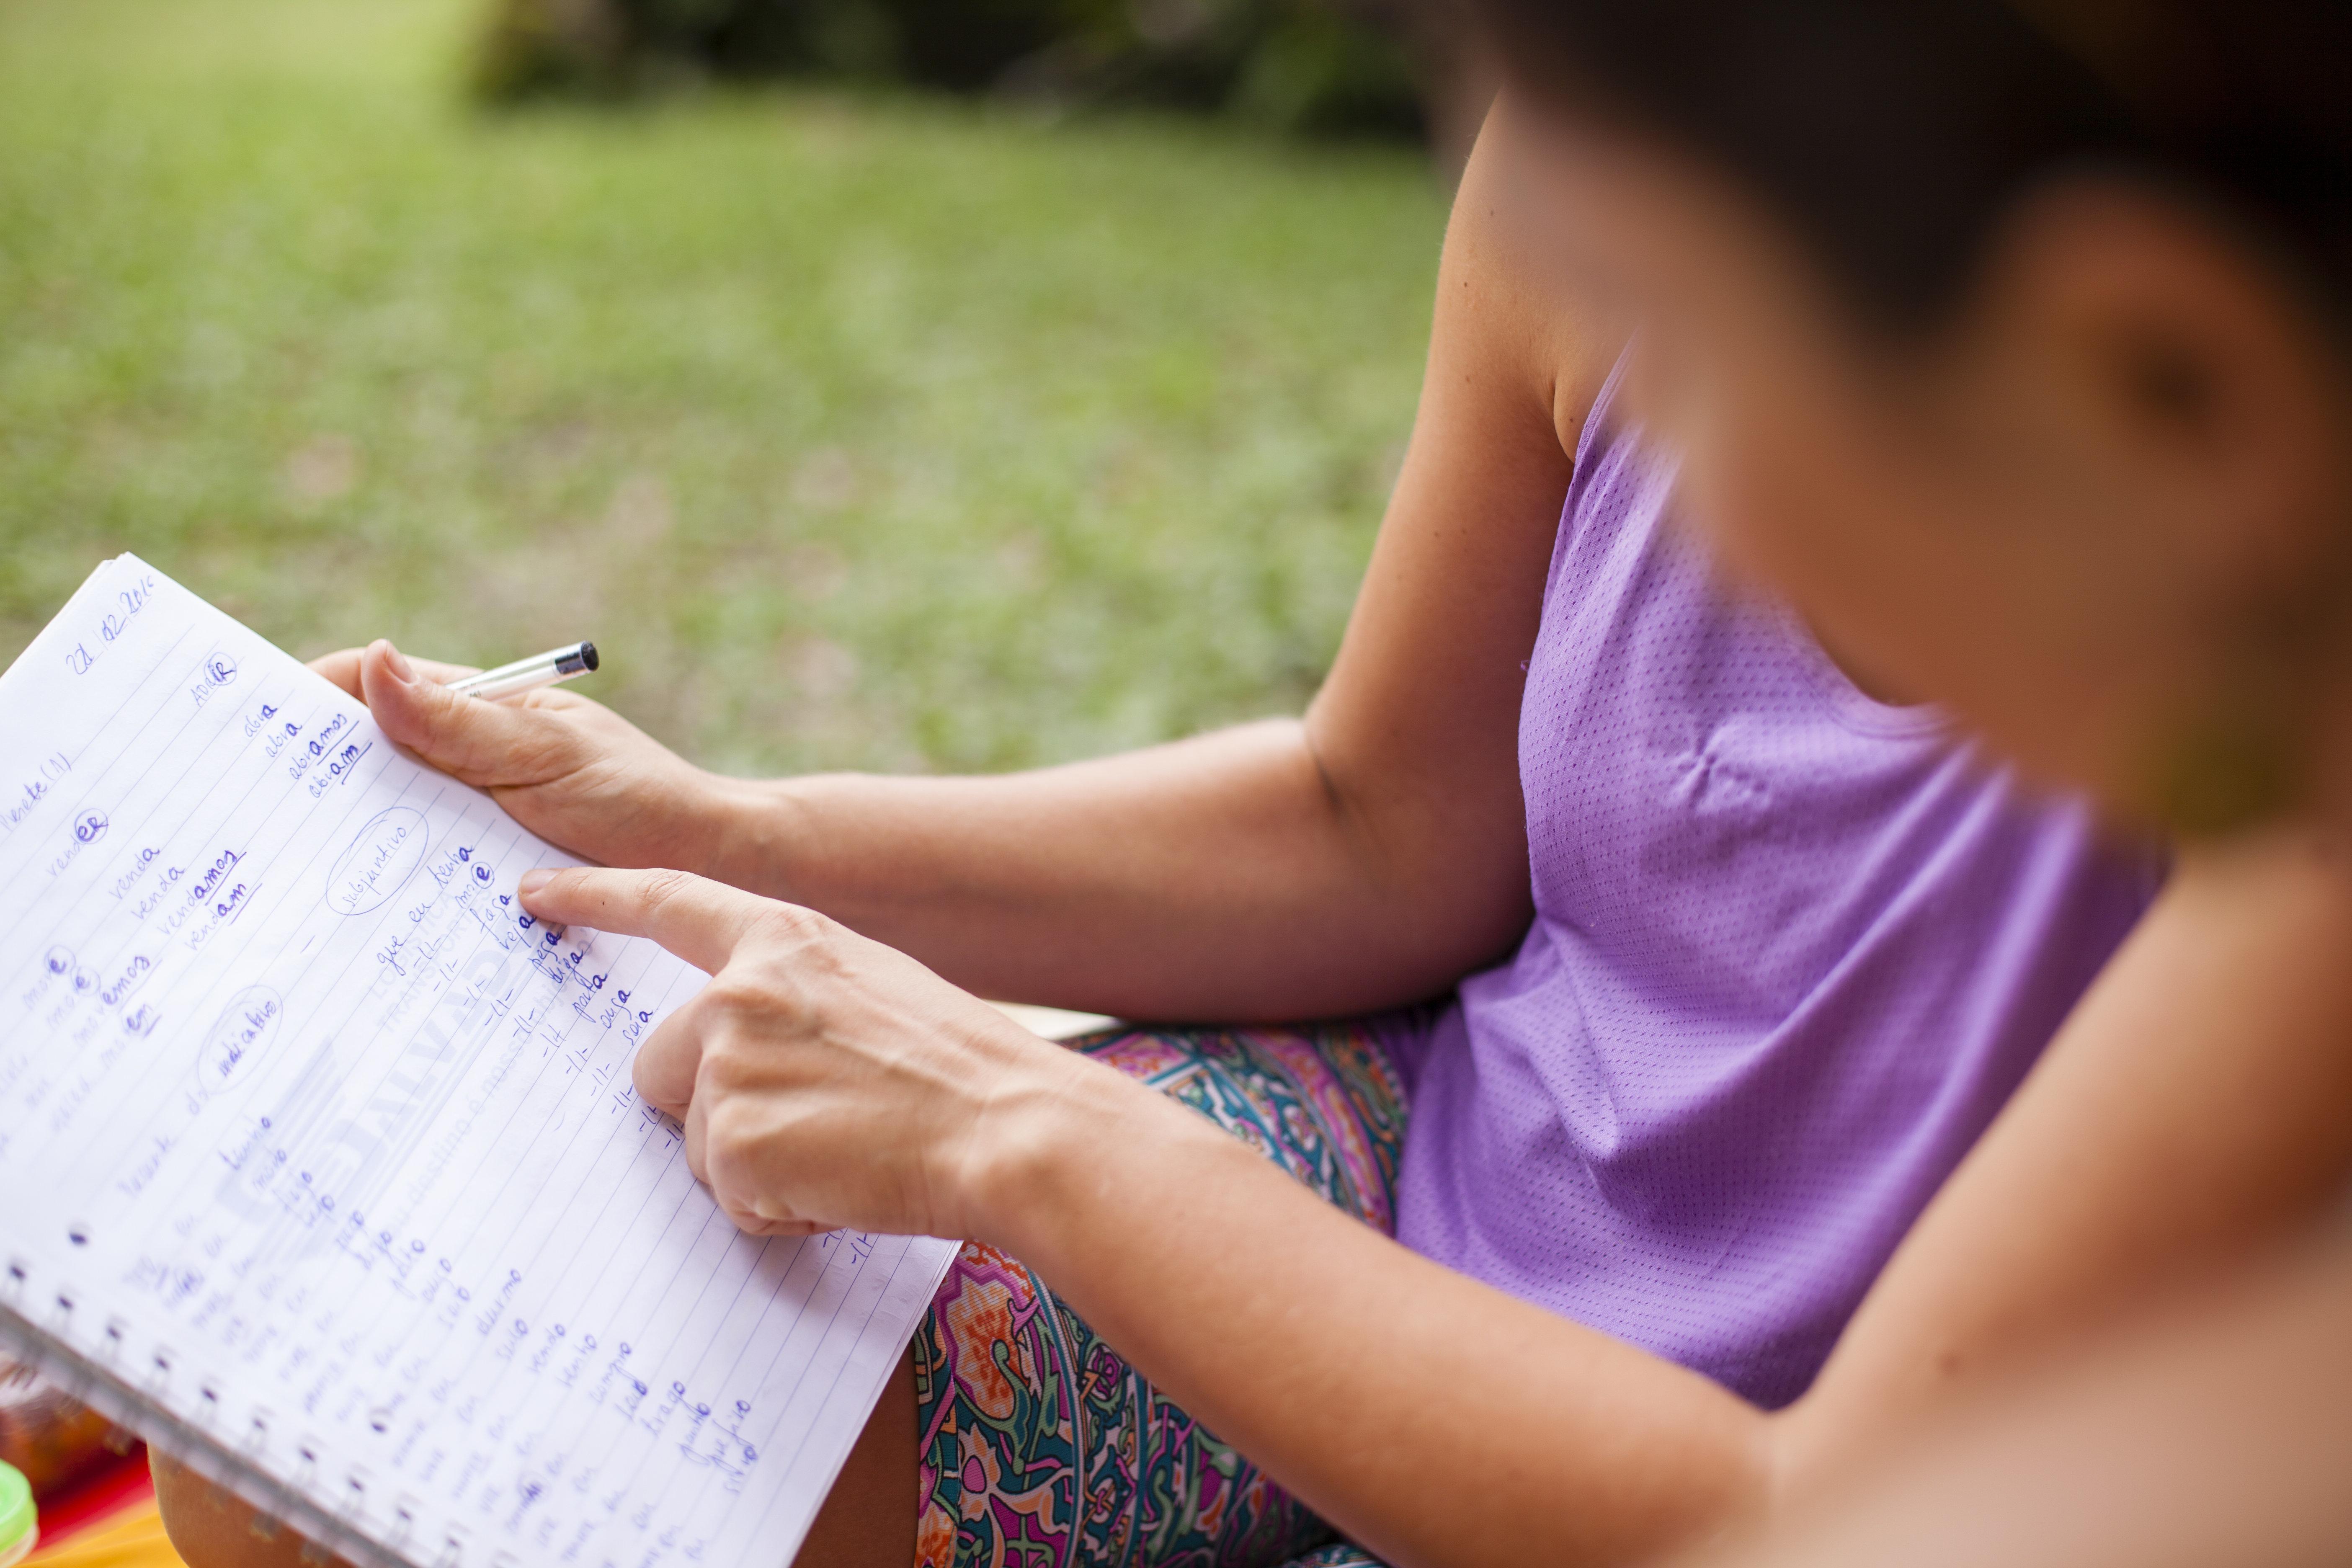 Ensino domiciliar: O que muda com a legalização proposta pelo governo